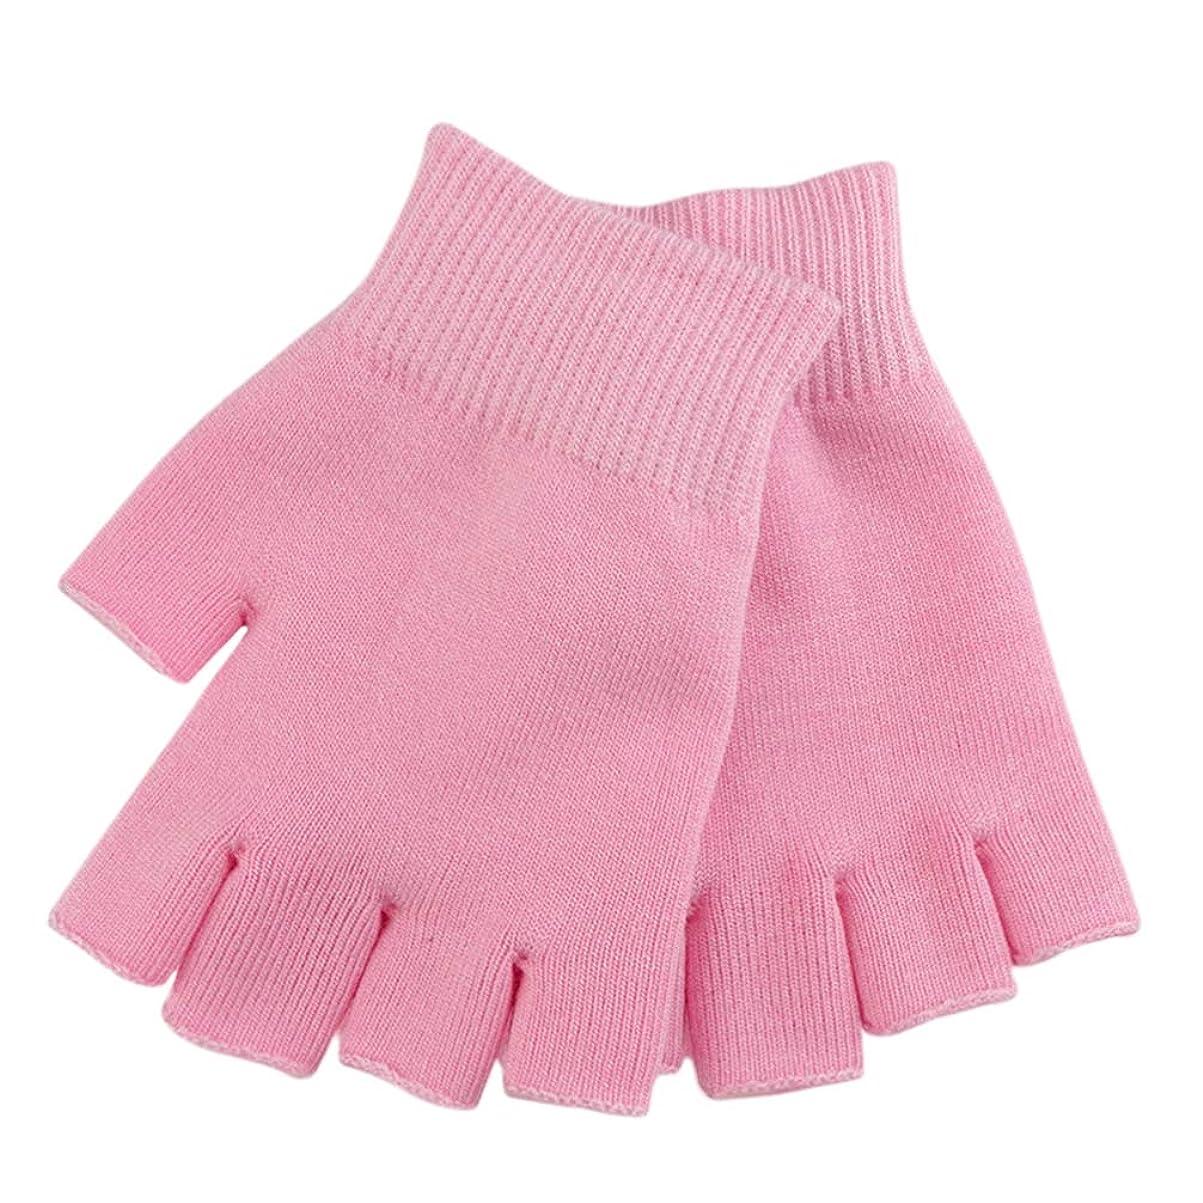 レルムボーナスピジンHealifty 指なし 保湿 手袋 手荒れ 対策 ハンドケア 手袋 ジェル保湿手袋